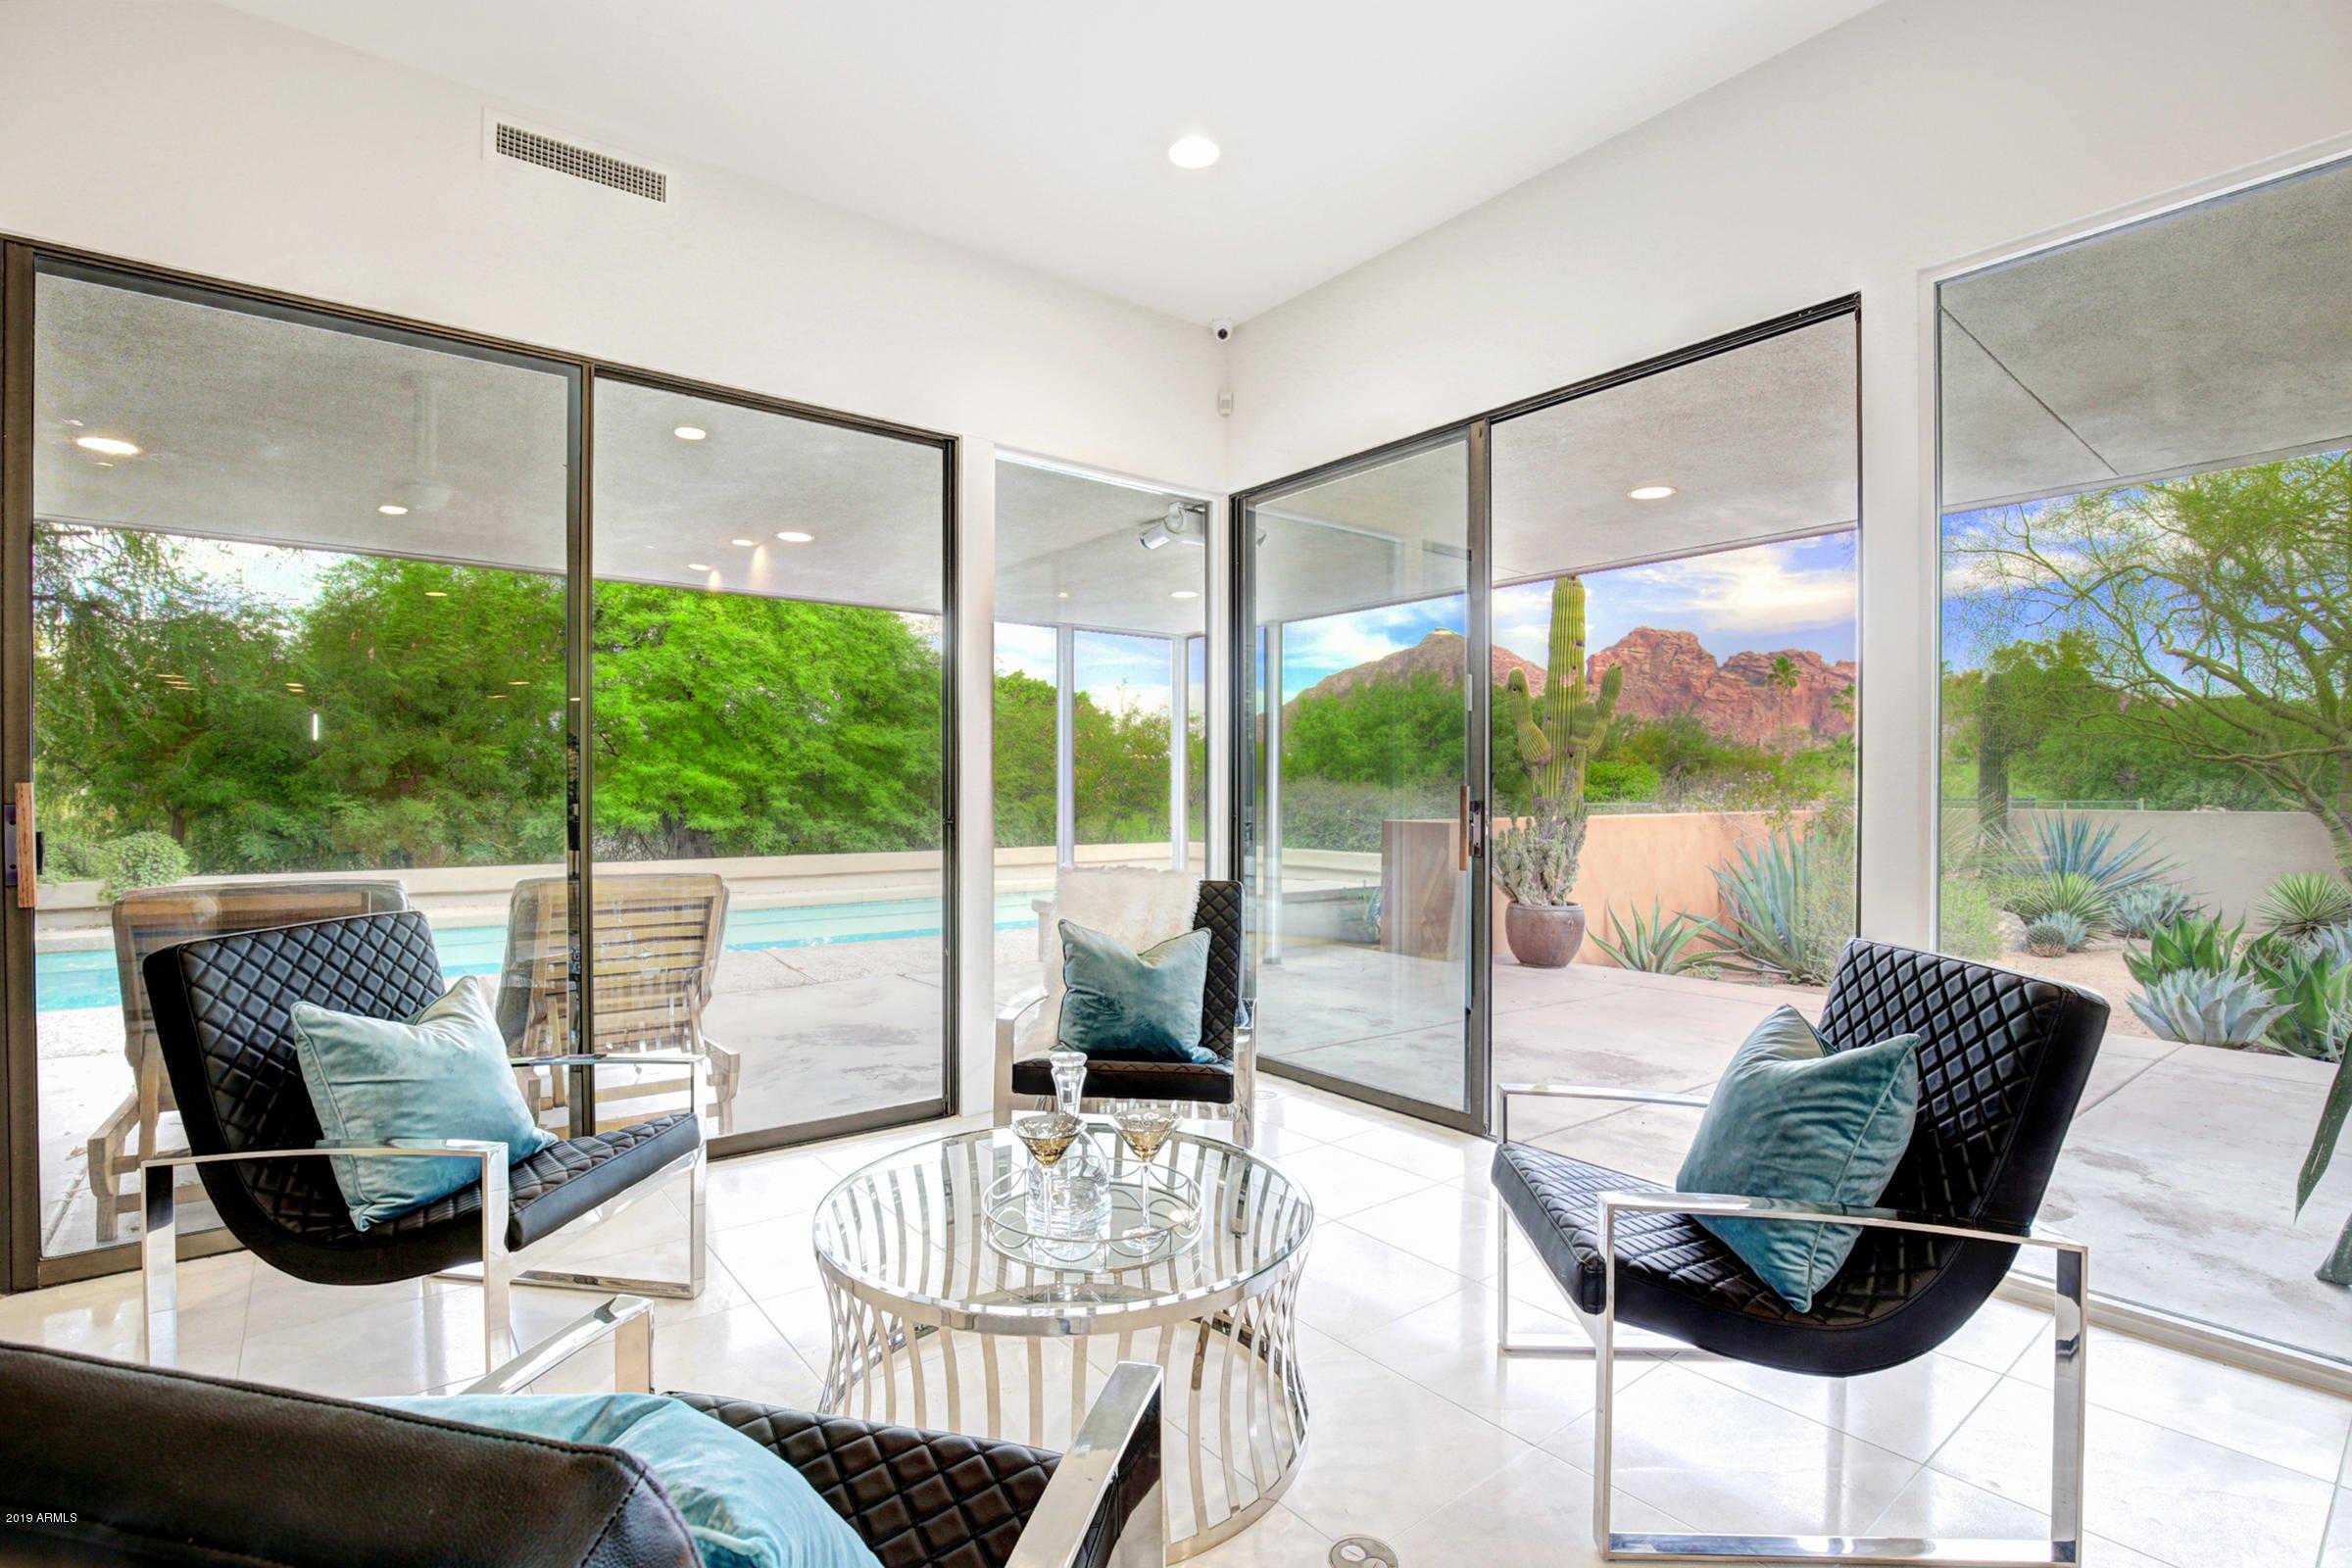 $2,099,000 - 4Br/5Ba - Home for Sale in Las Casas Escondidas Lot 1-8, Paradise Valley